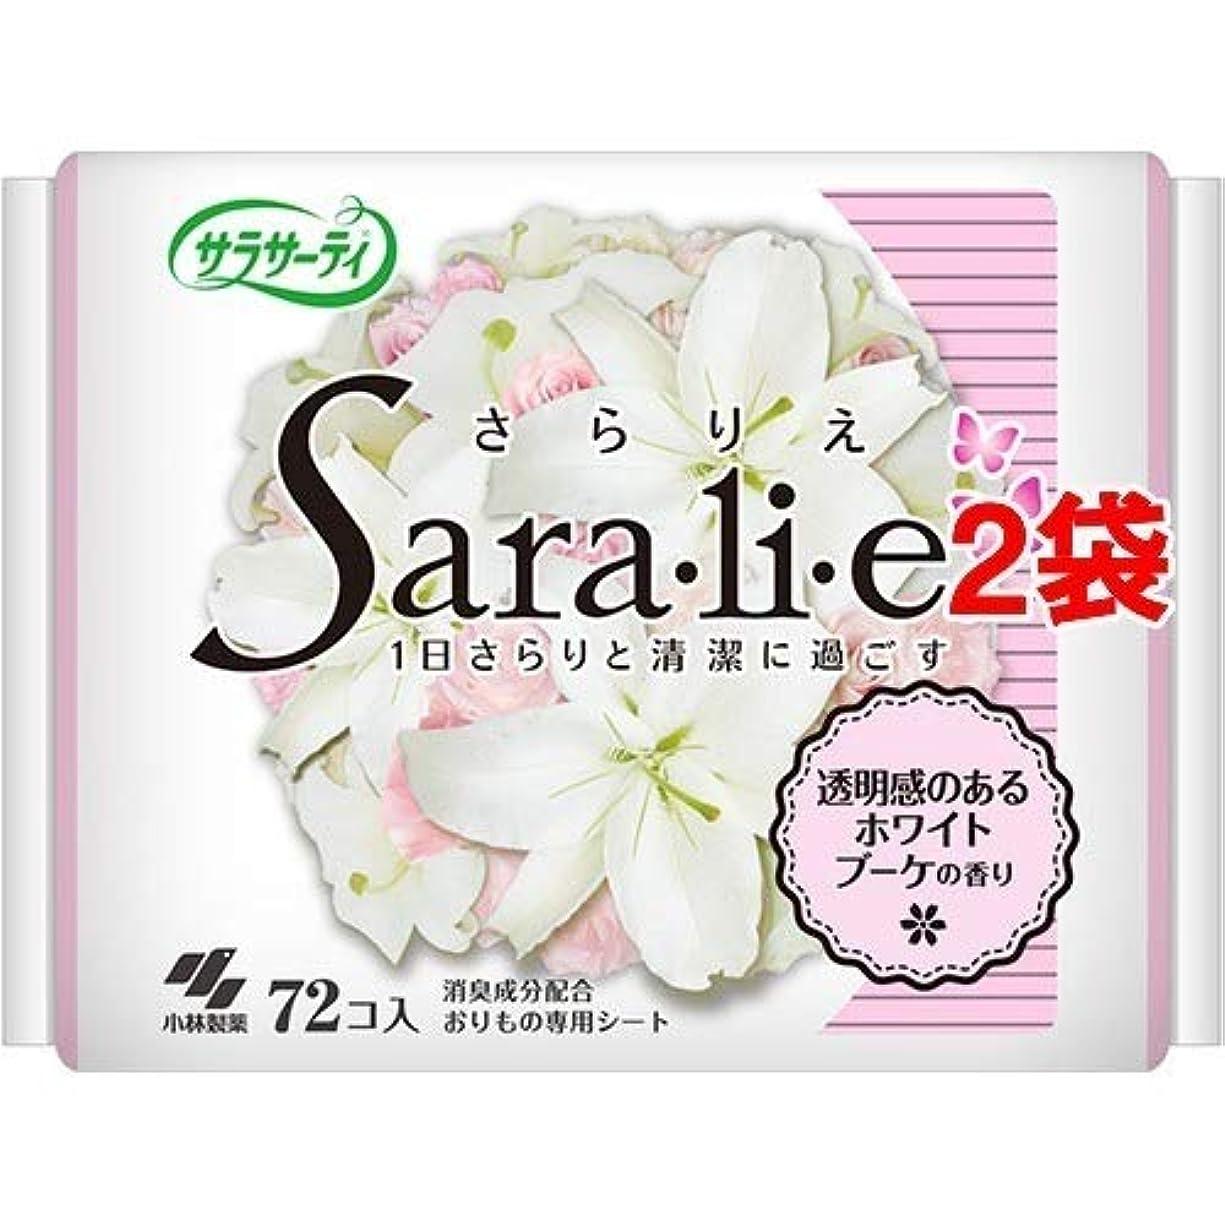 ポスター厳密に有料サラサーティ サラリエ ホワイトブーケの香り(72枚入*2袋セット) 日用品 生理用品 パンティーライナー [並行輸入品] k1-62983-ak